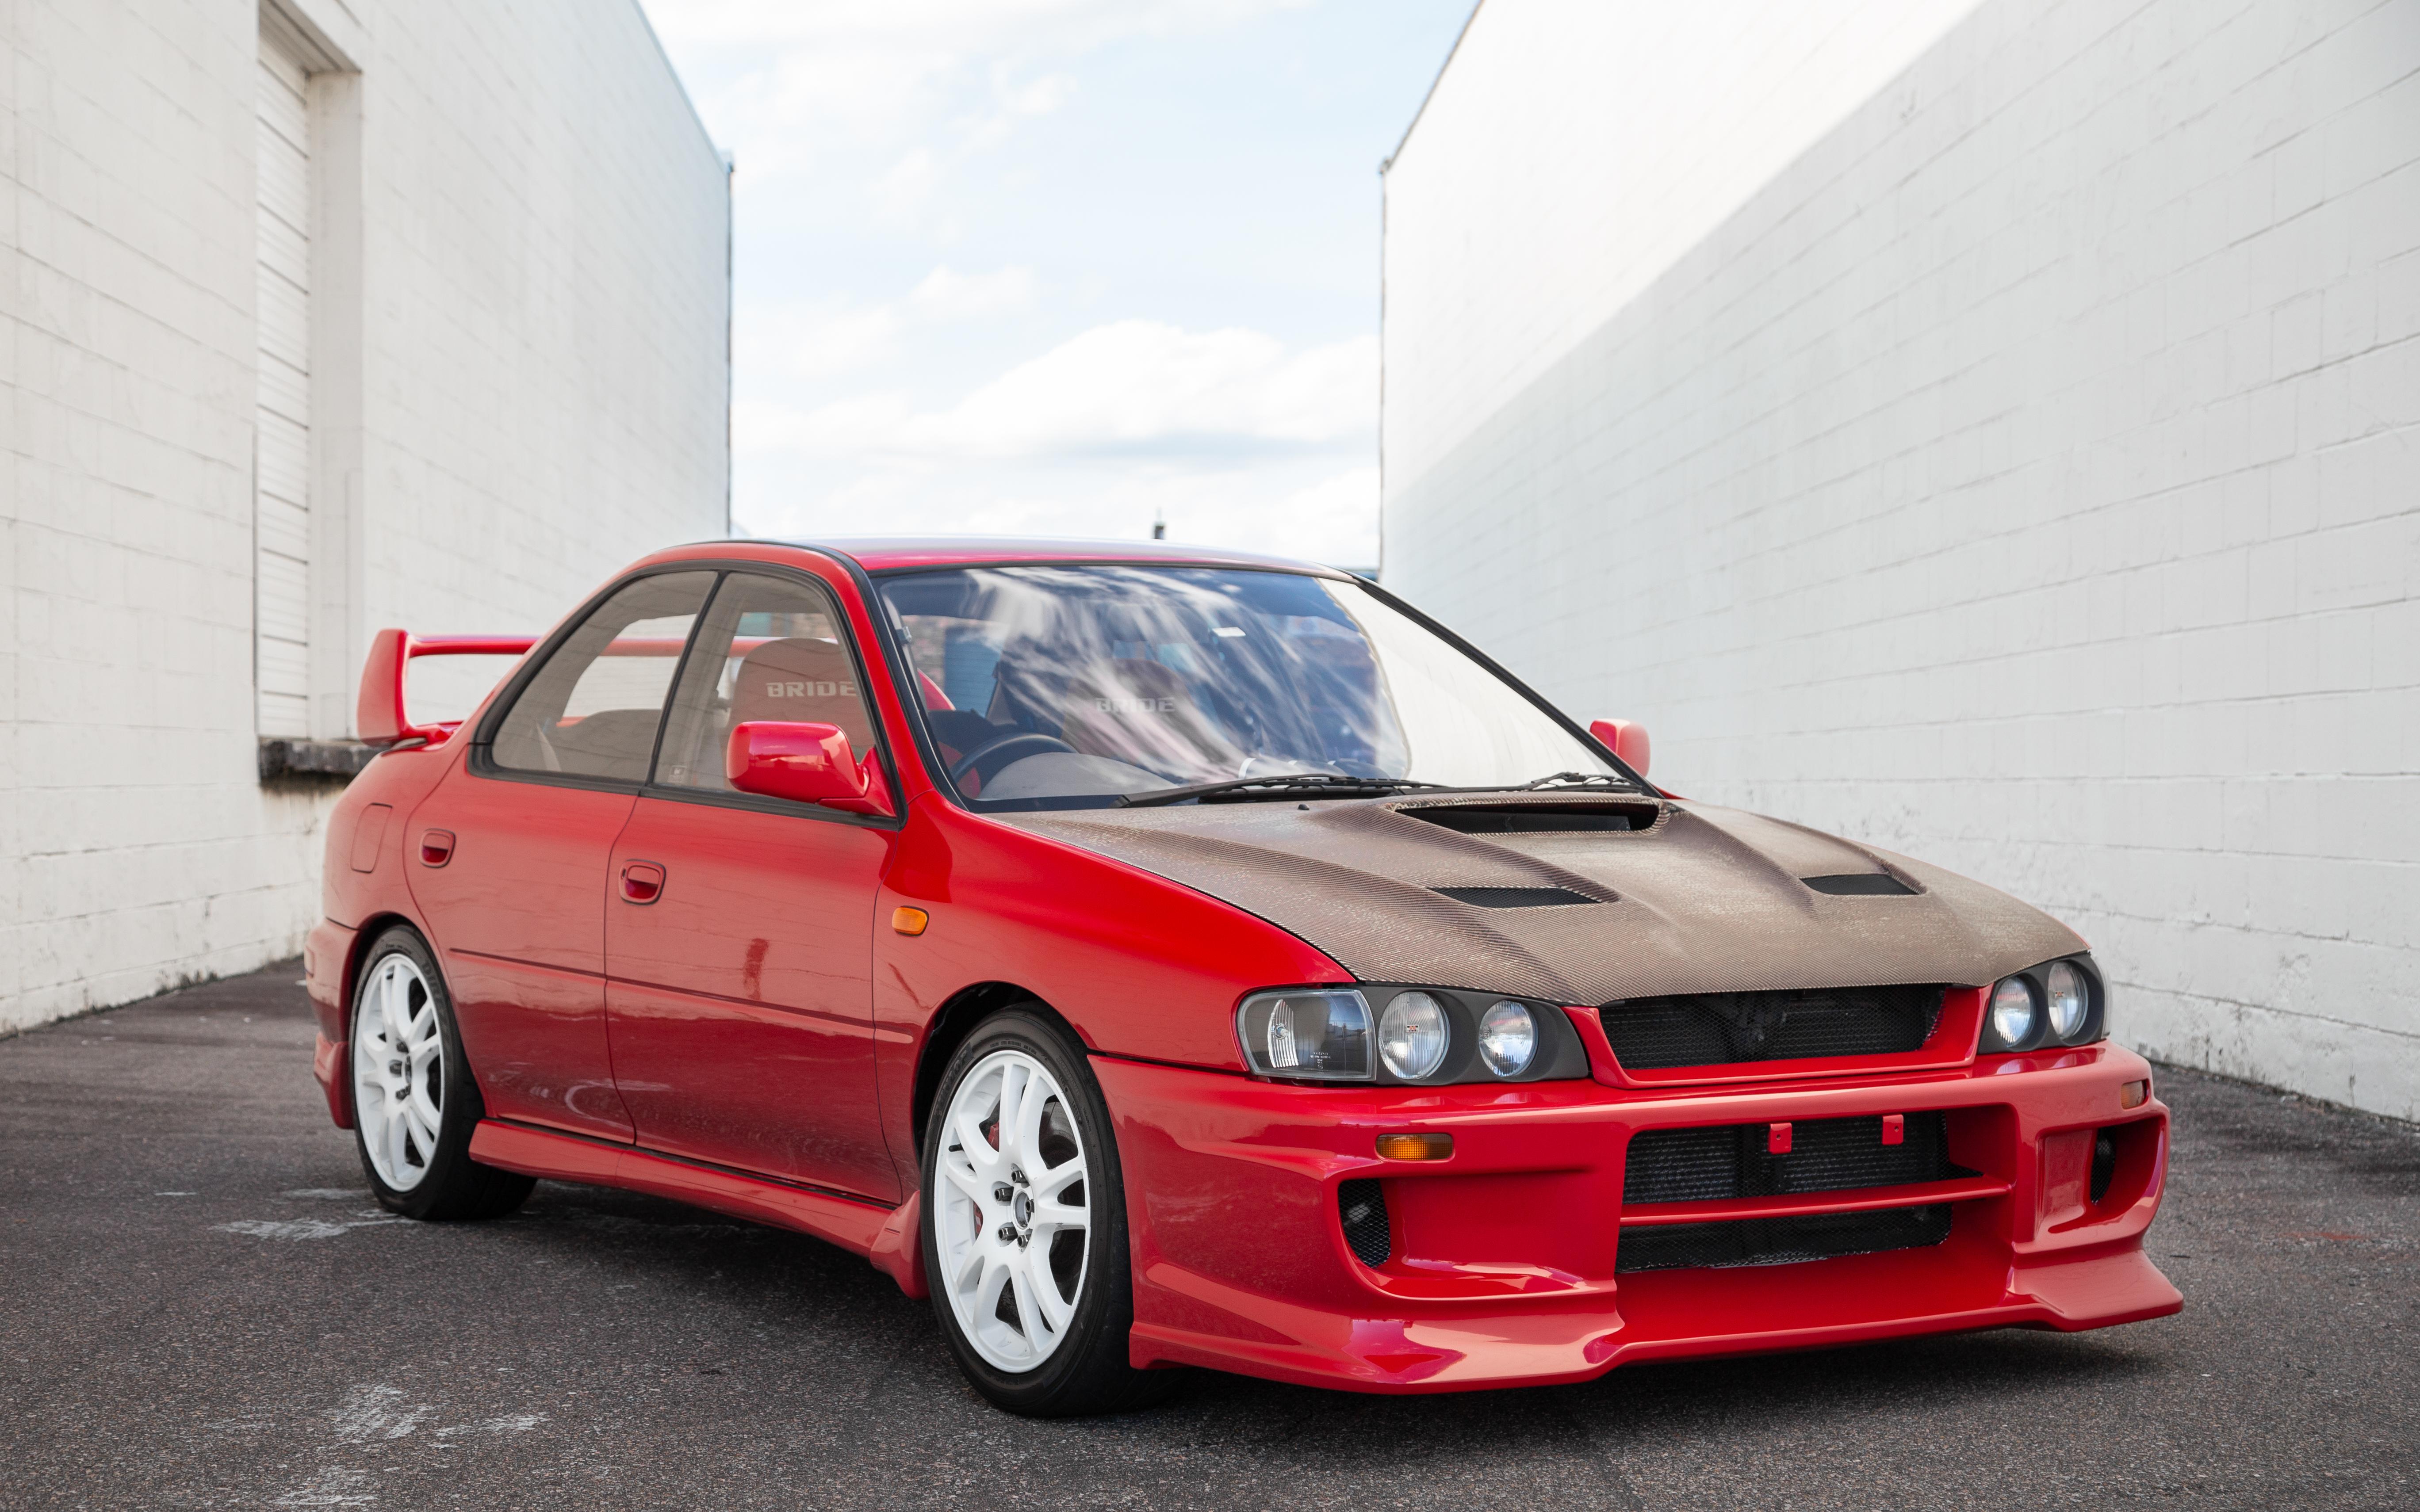 1995 Subaru Impreza Wrx Gc8 Rhd With Top Shelf Jdm Modifications Imported Rhd Cars J Spec Auto Sports